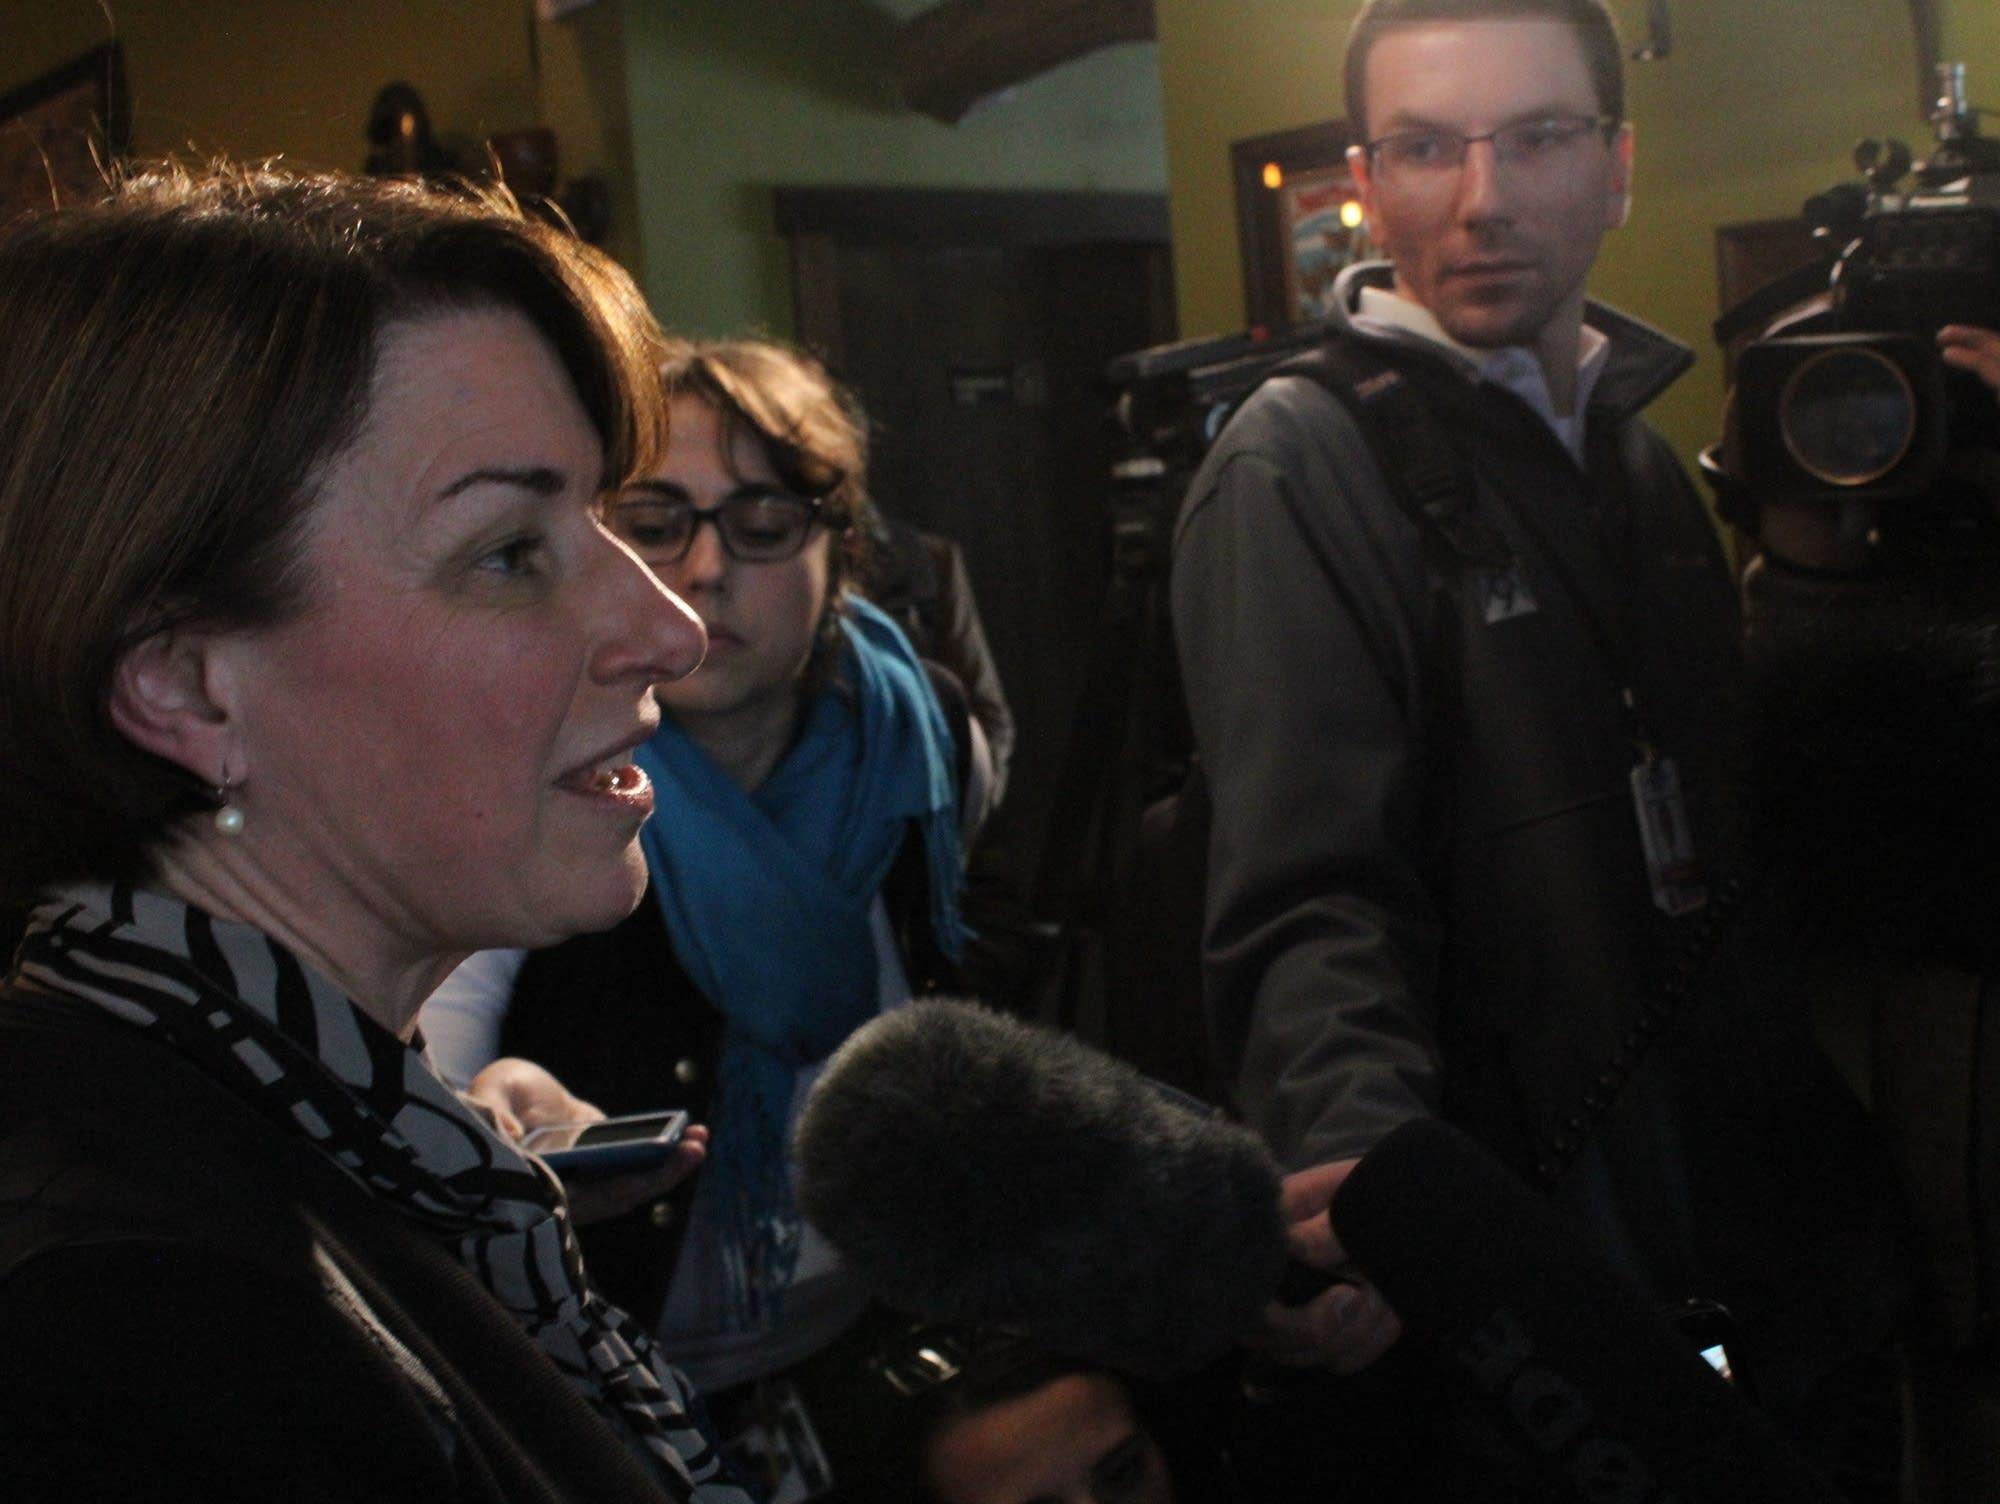 Amy Klobuchar speaks with journalists